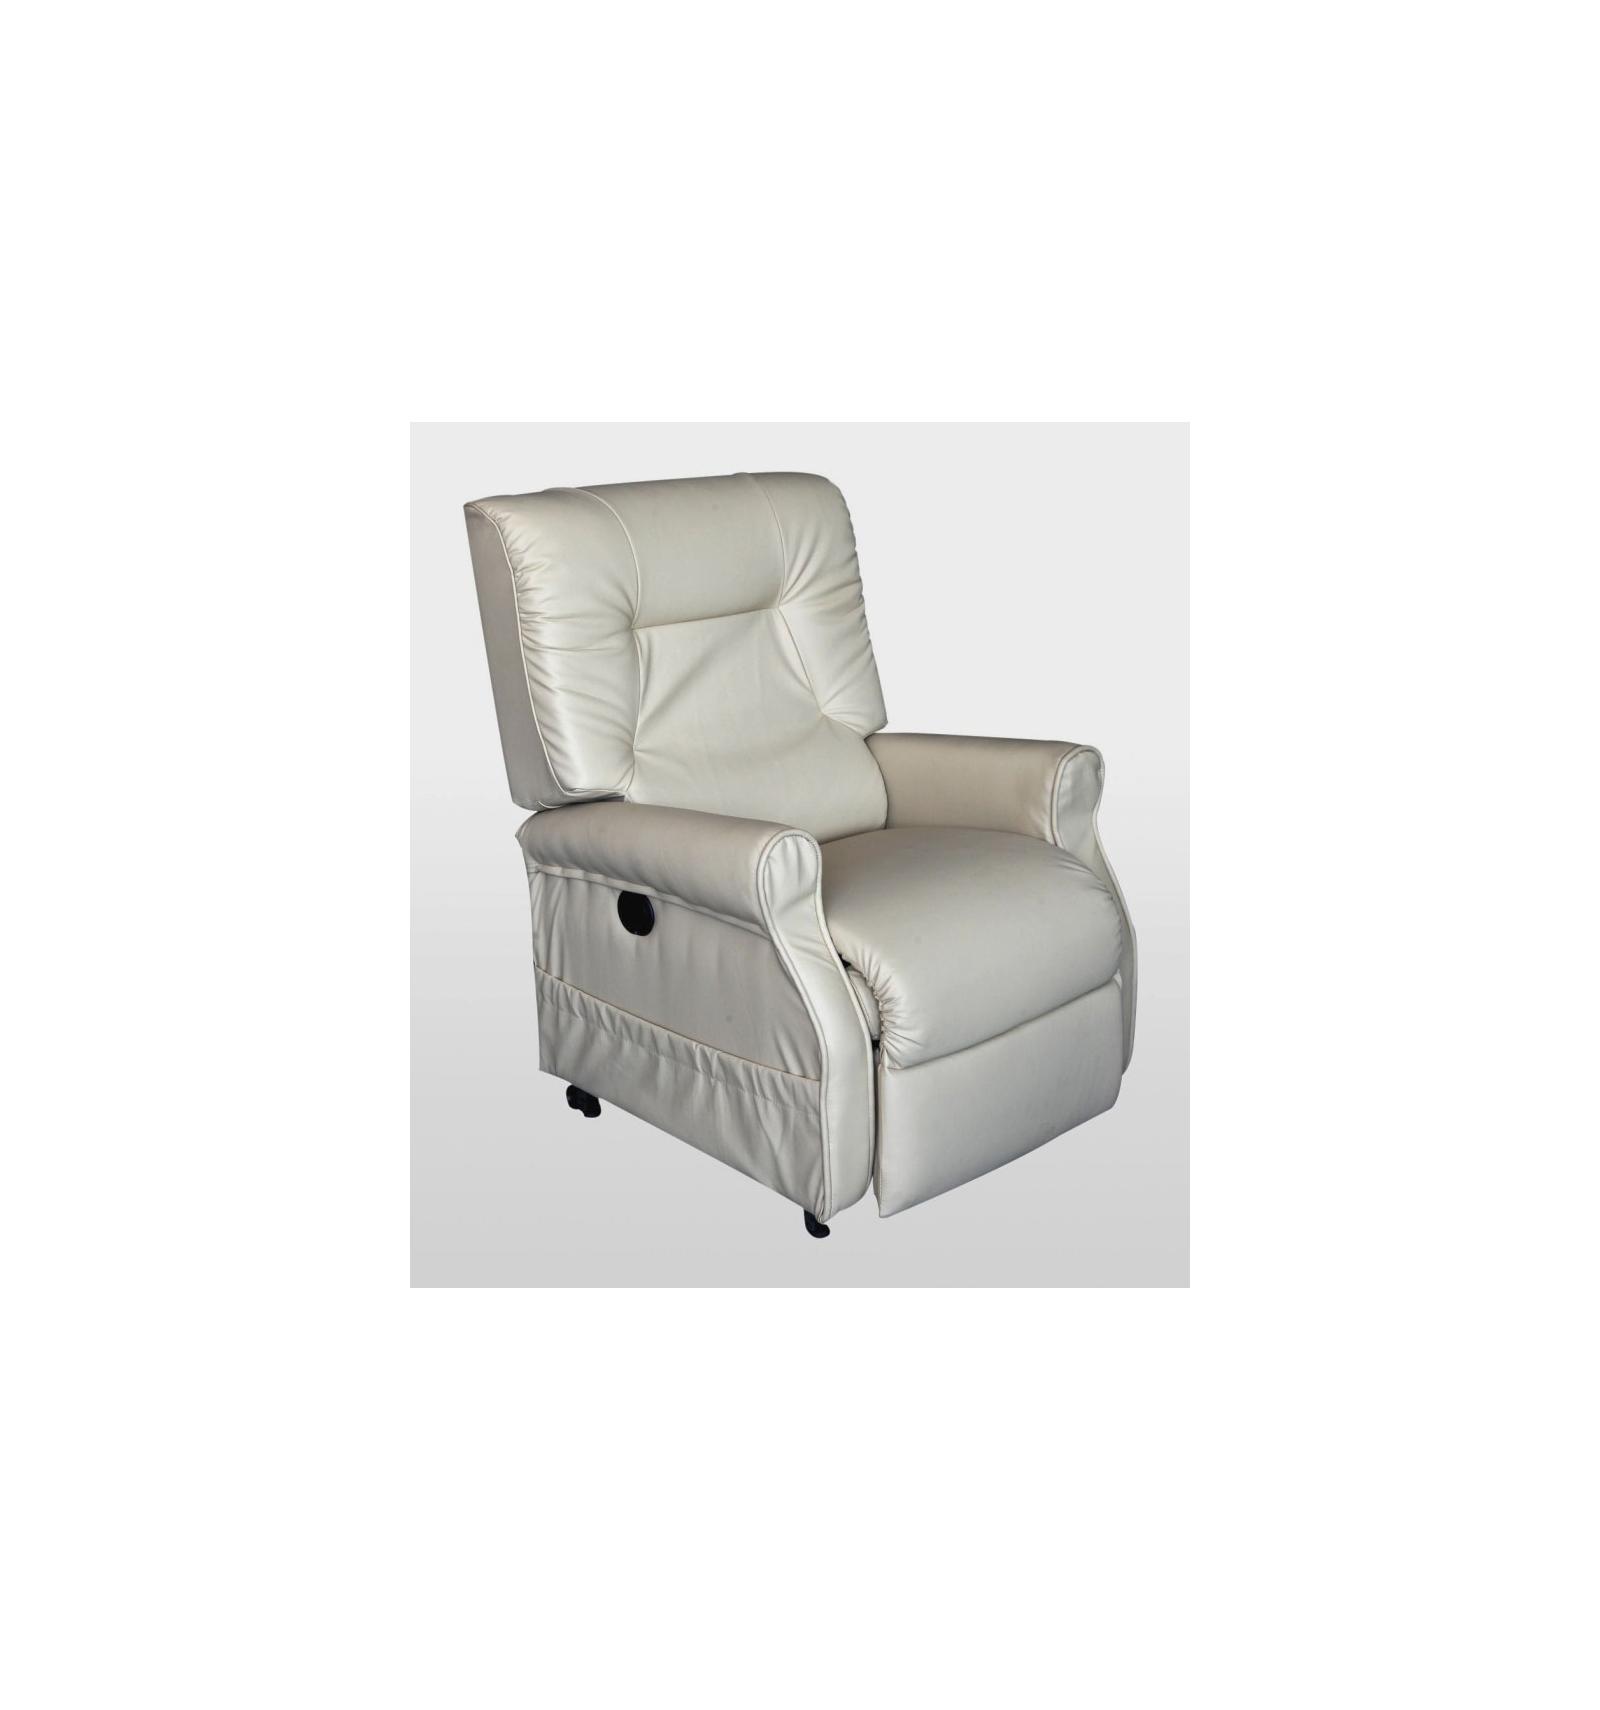 sessel beige finest sessel mario beige with sessel beige. Black Bedroom Furniture Sets. Home Design Ideas